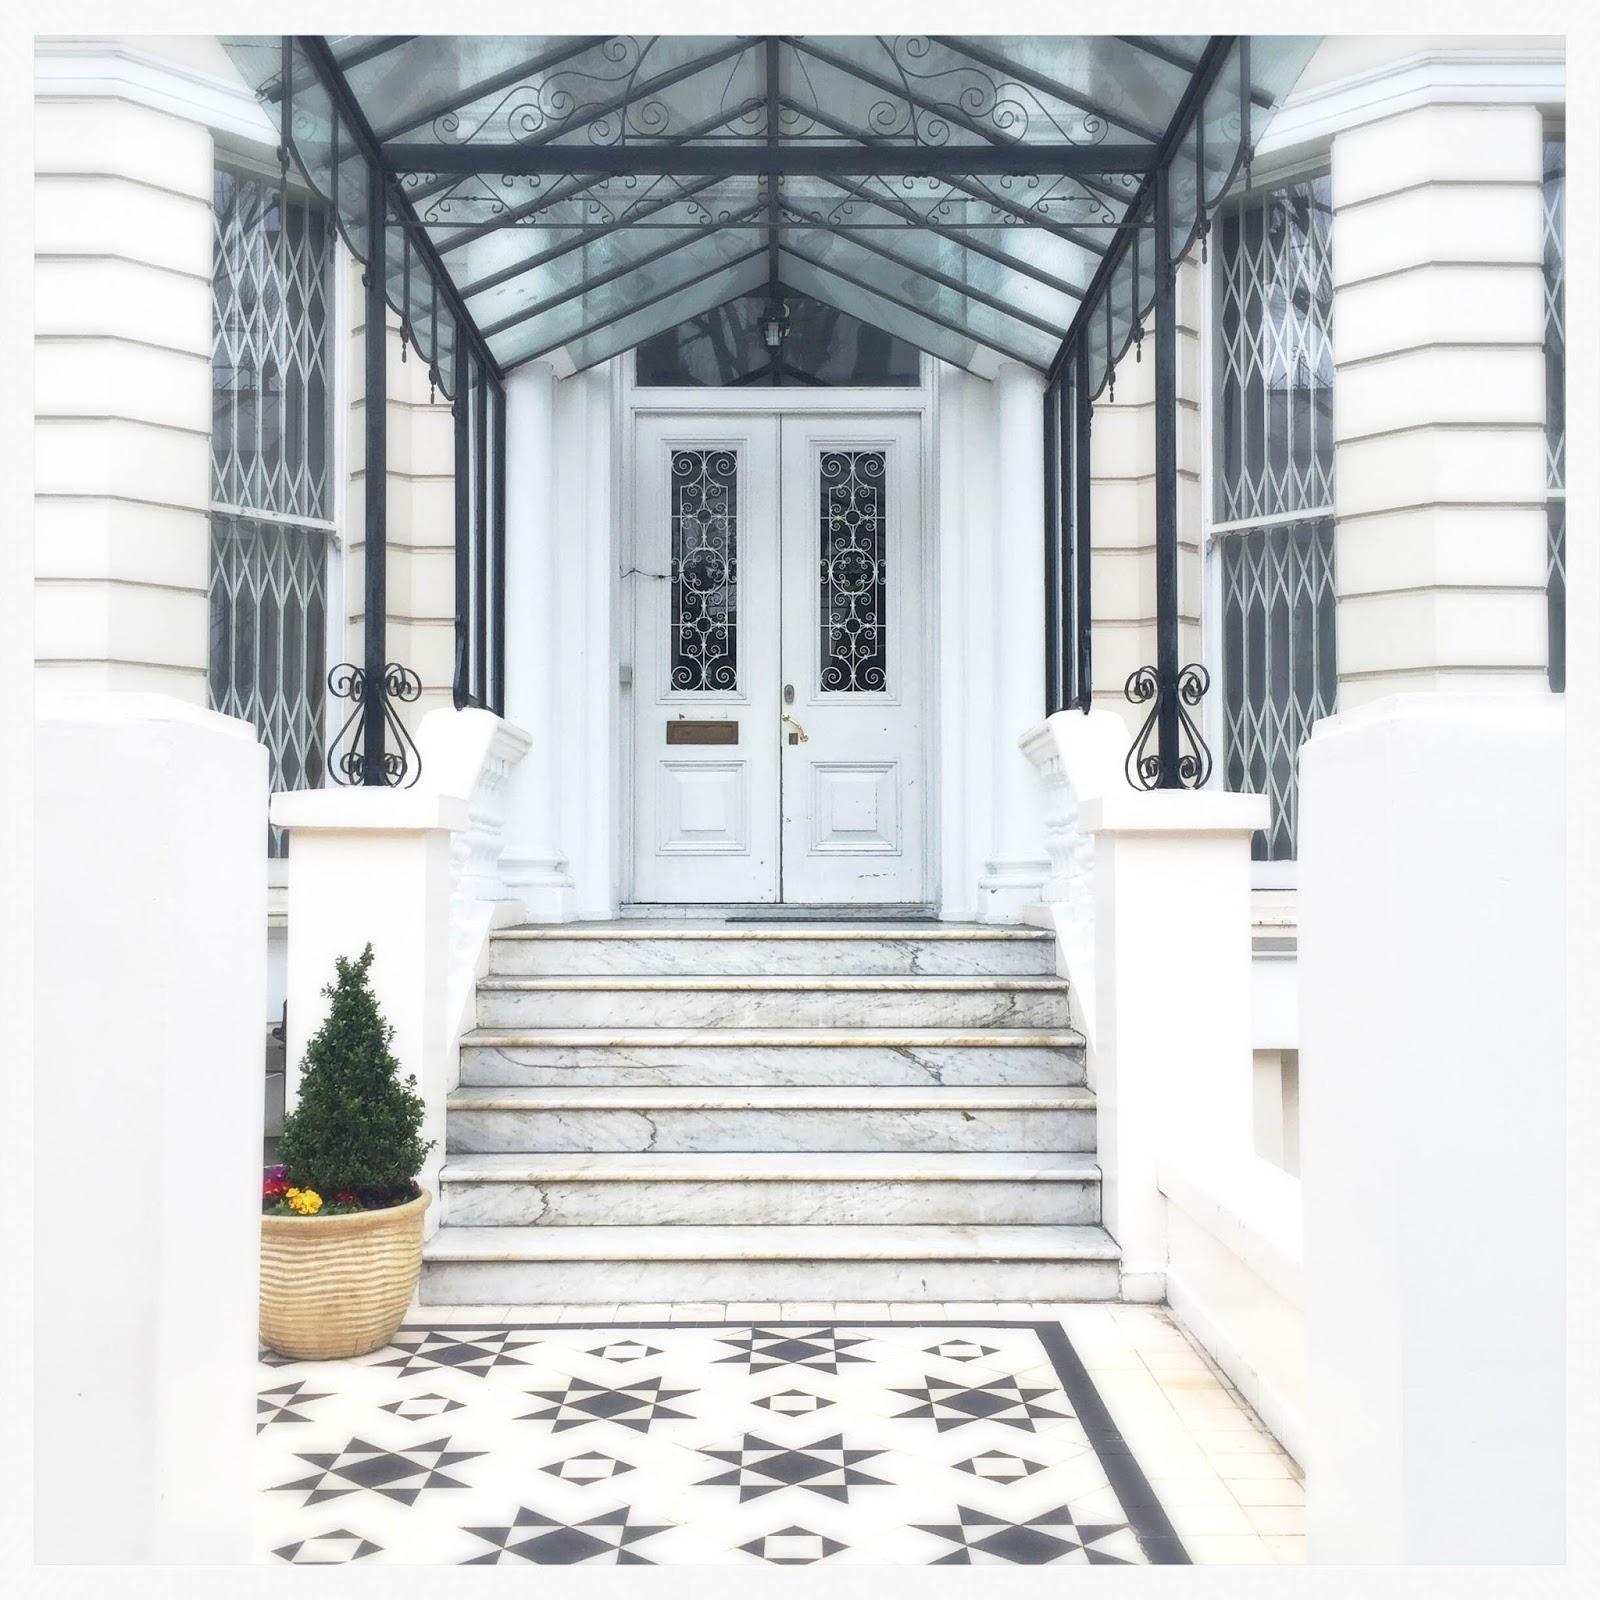 House entrance in Kensington London blogger photos